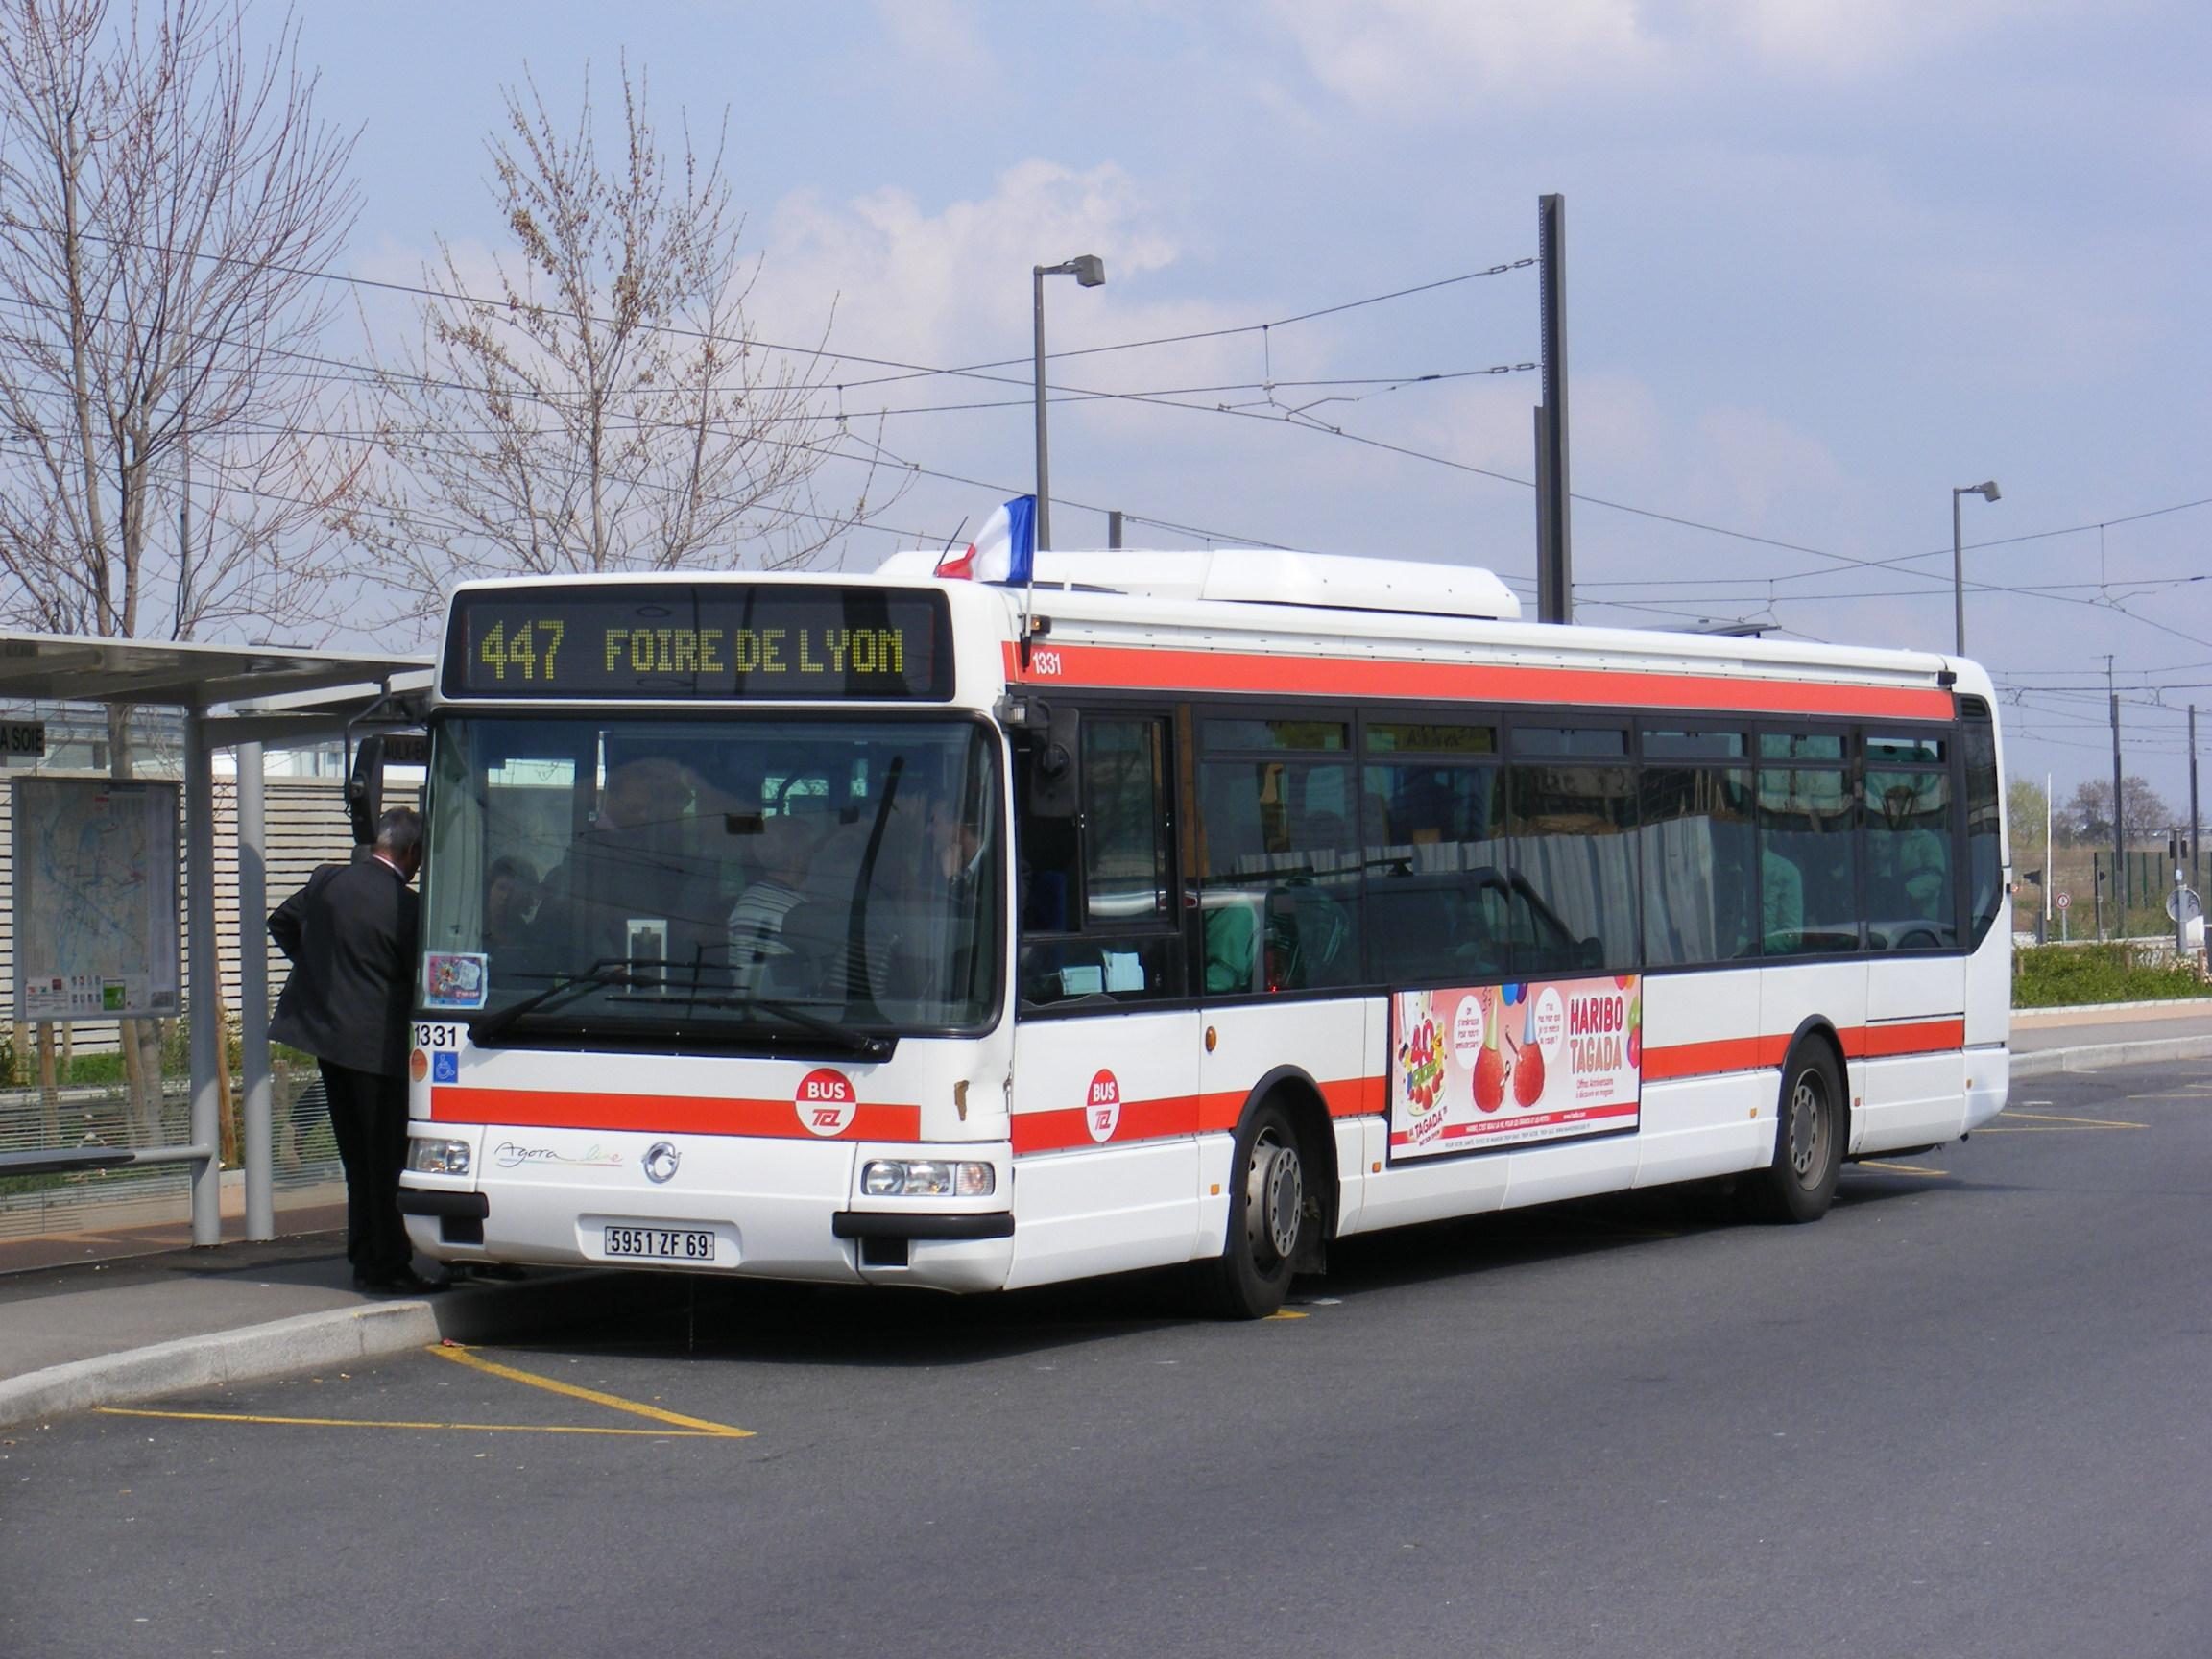 la foire de lyon en bus la passion des autobus et autocars en r gion lyonnaise. Black Bedroom Furniture Sets. Home Design Ideas